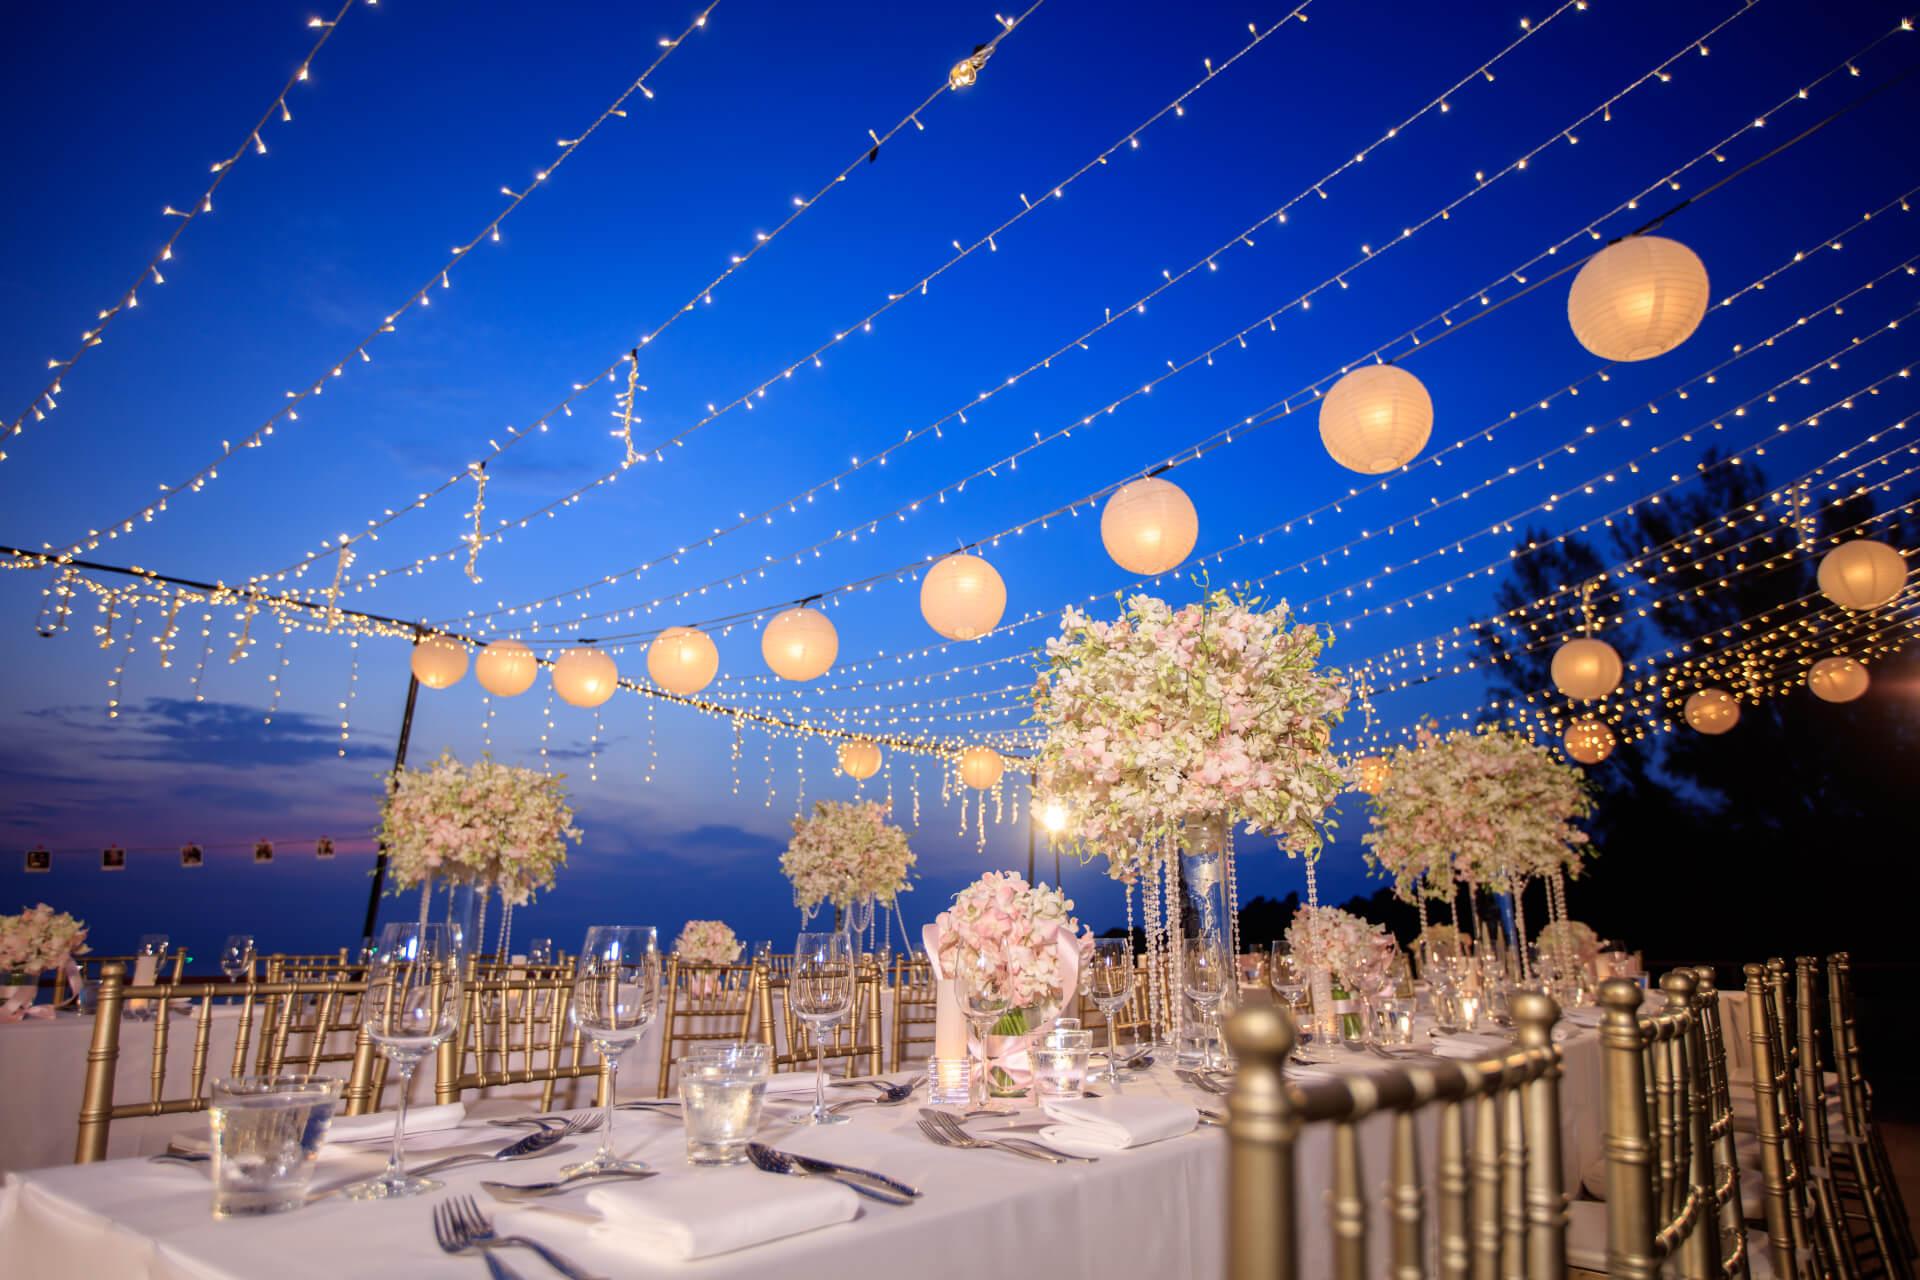 Decoradores de bodas en Margarita, Venezuela. Encuentra las mejores empresas de decoración de bodas y eventos nupciales, floristería y mobiliario